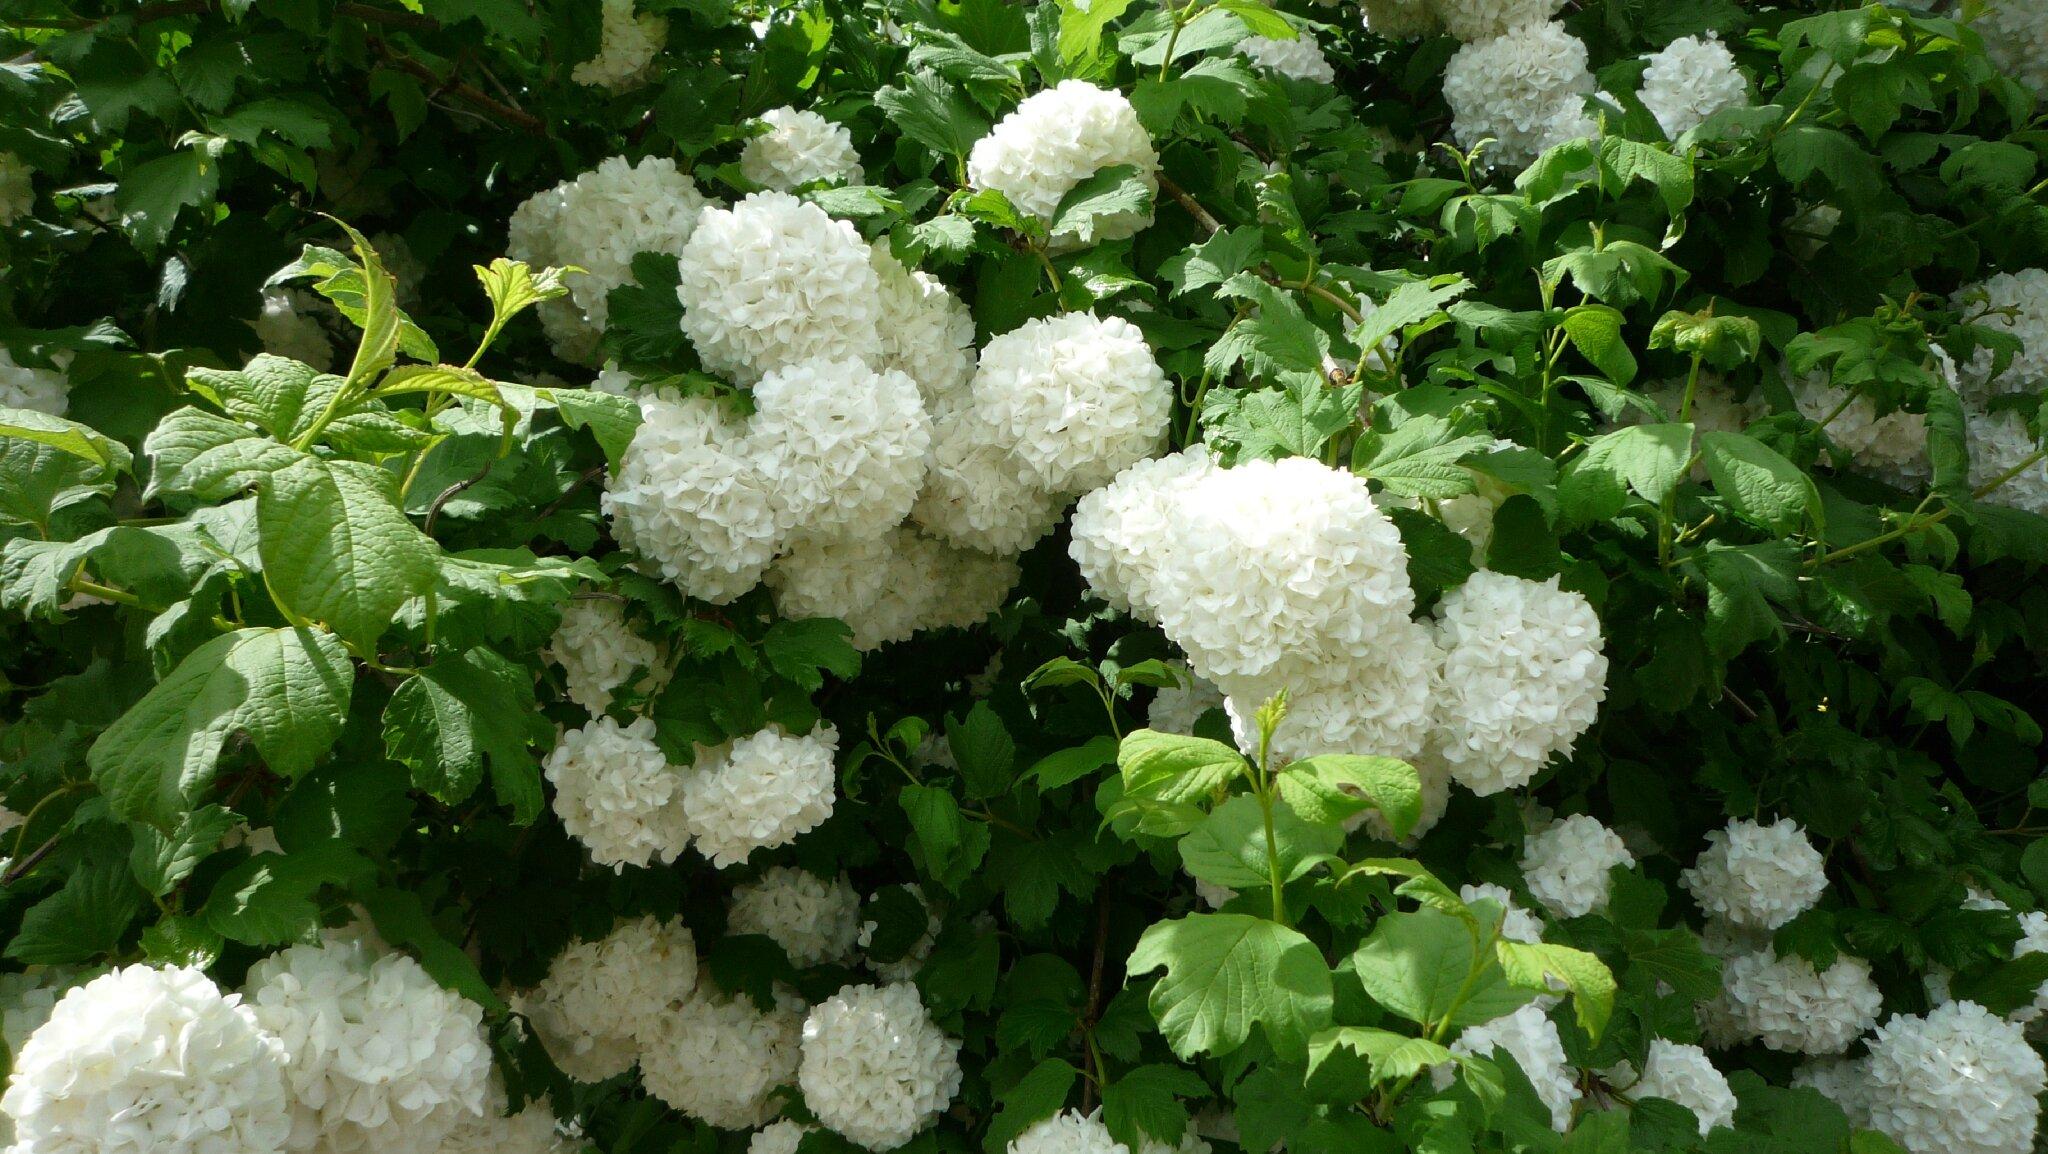 Les boules de neige binchy and her hobbies - Boule de neige plante ...